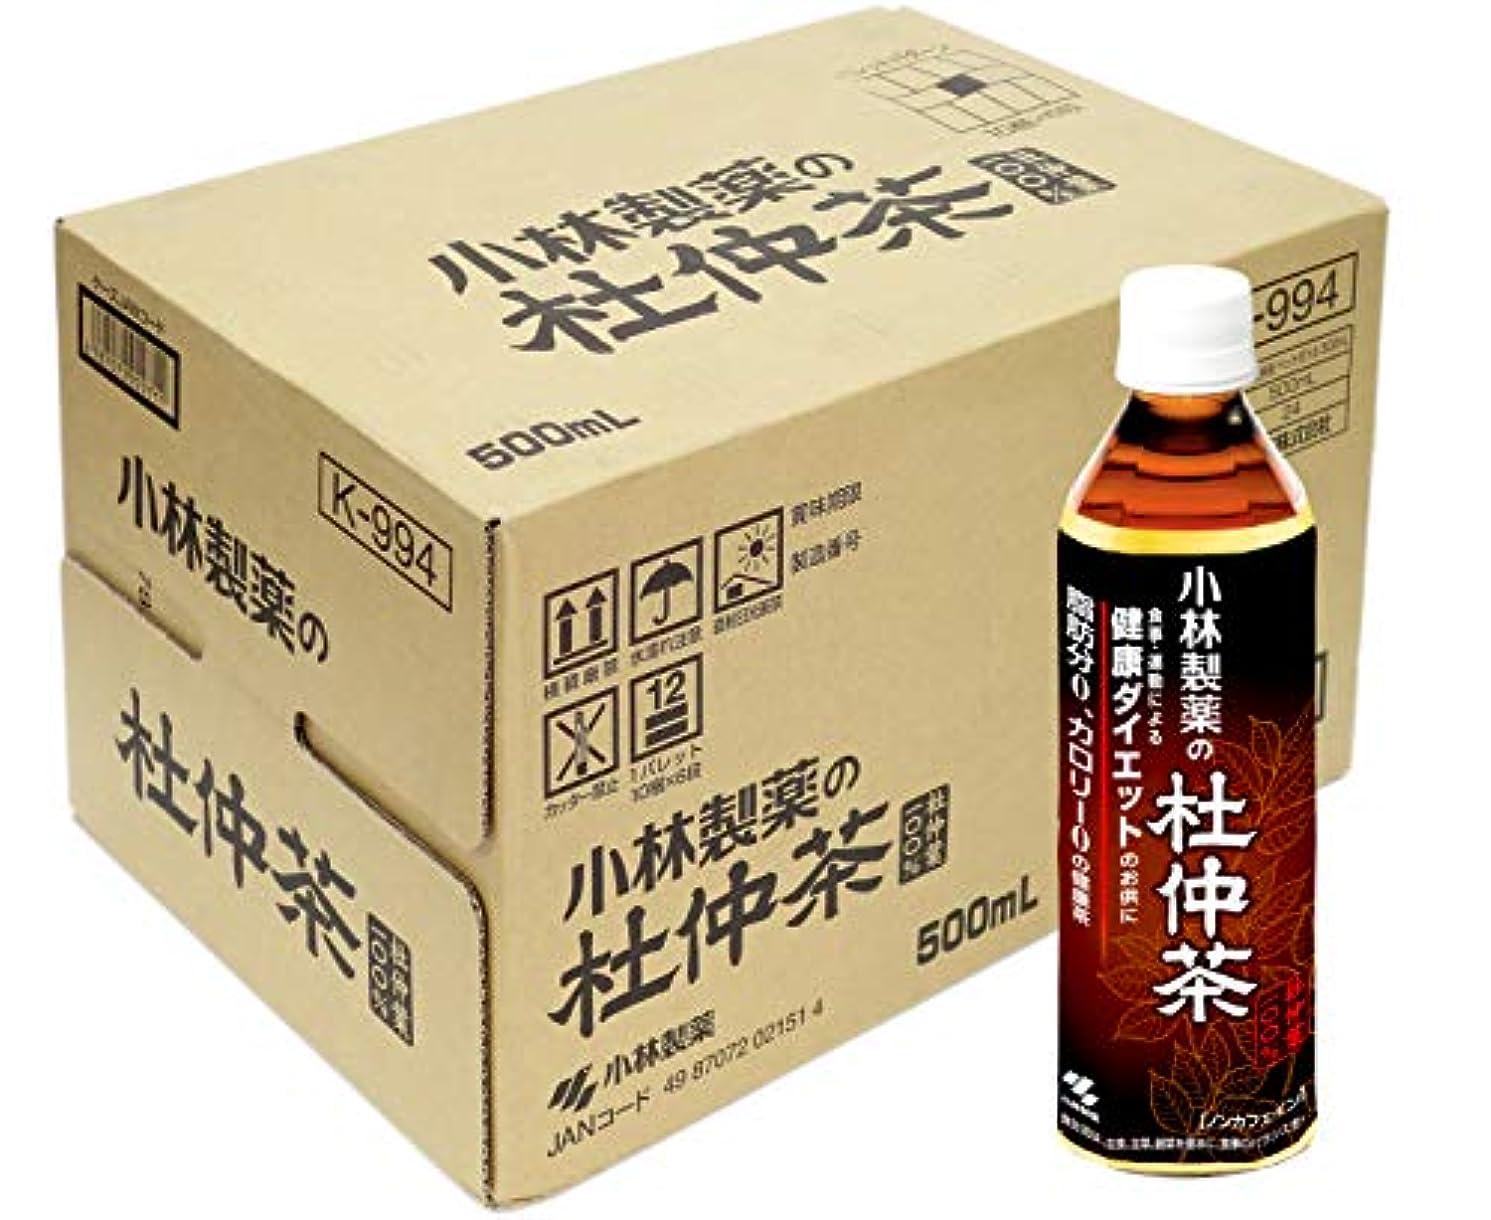 汚染船員サーキュレーション【ケース販売】 小林製薬の杜仲茶 (ペットボトル) 500mL×24本